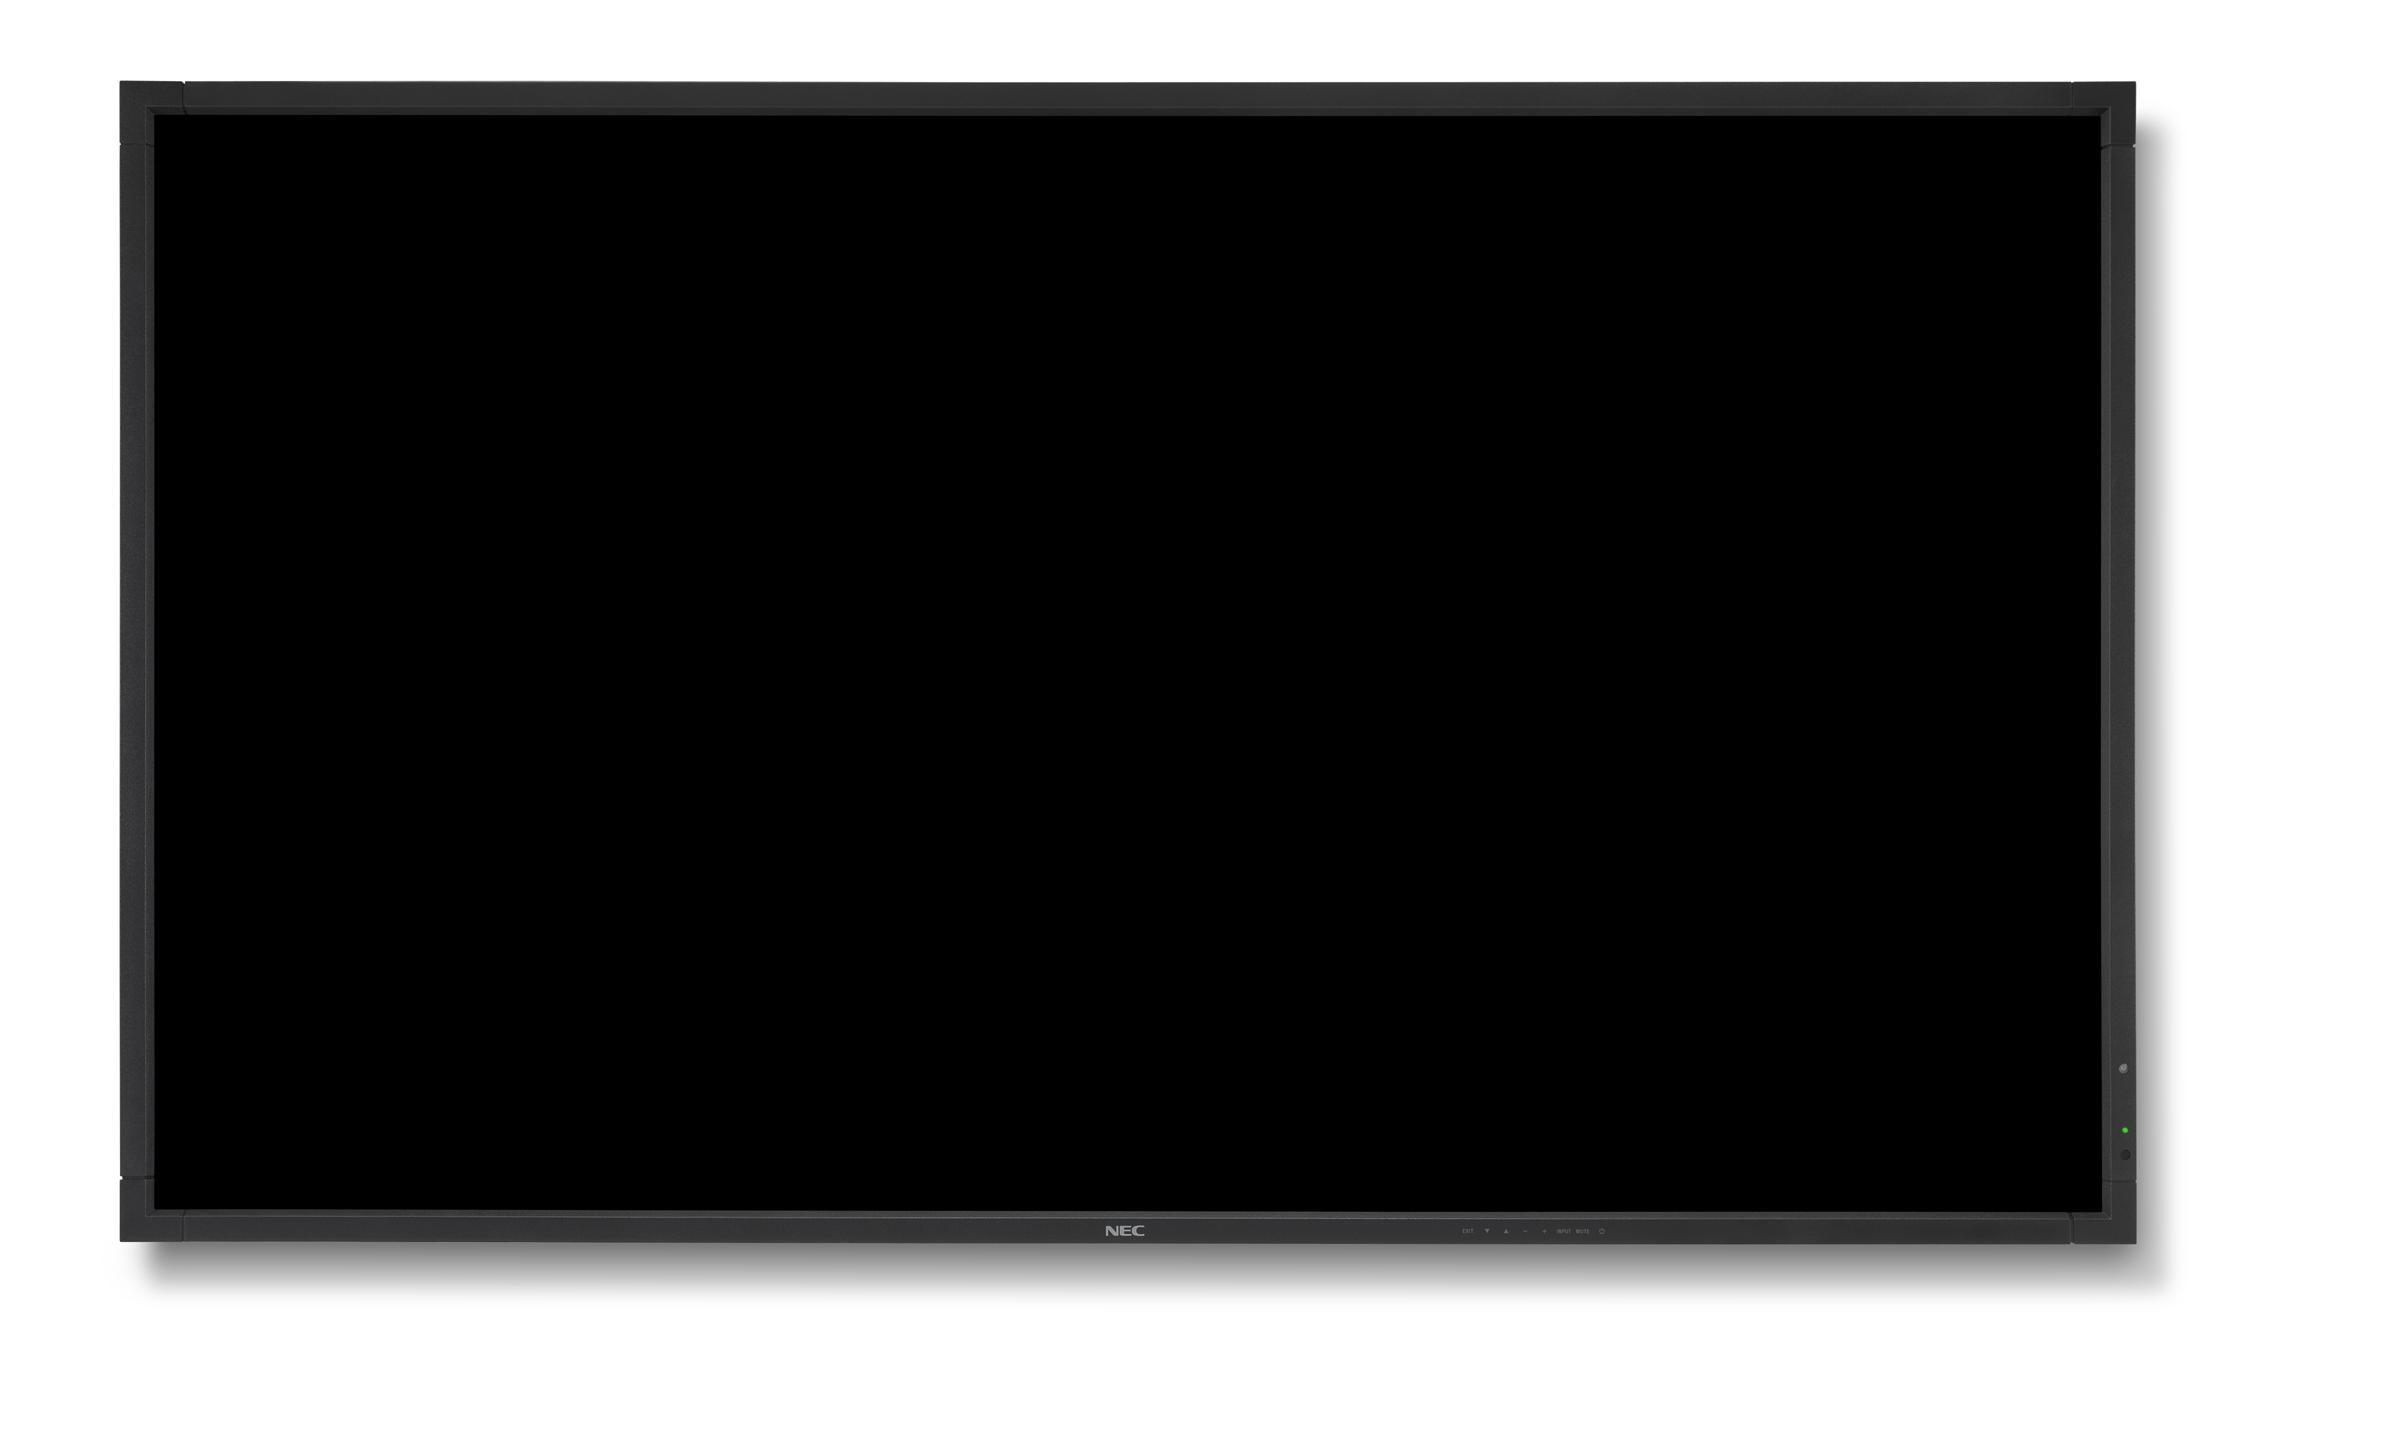 """NEC 46"""" velkoformátový dotykový display V463 - 24/7, 1920x1080, 480cd, bez stojanu, 5 point opt - 60003551"""